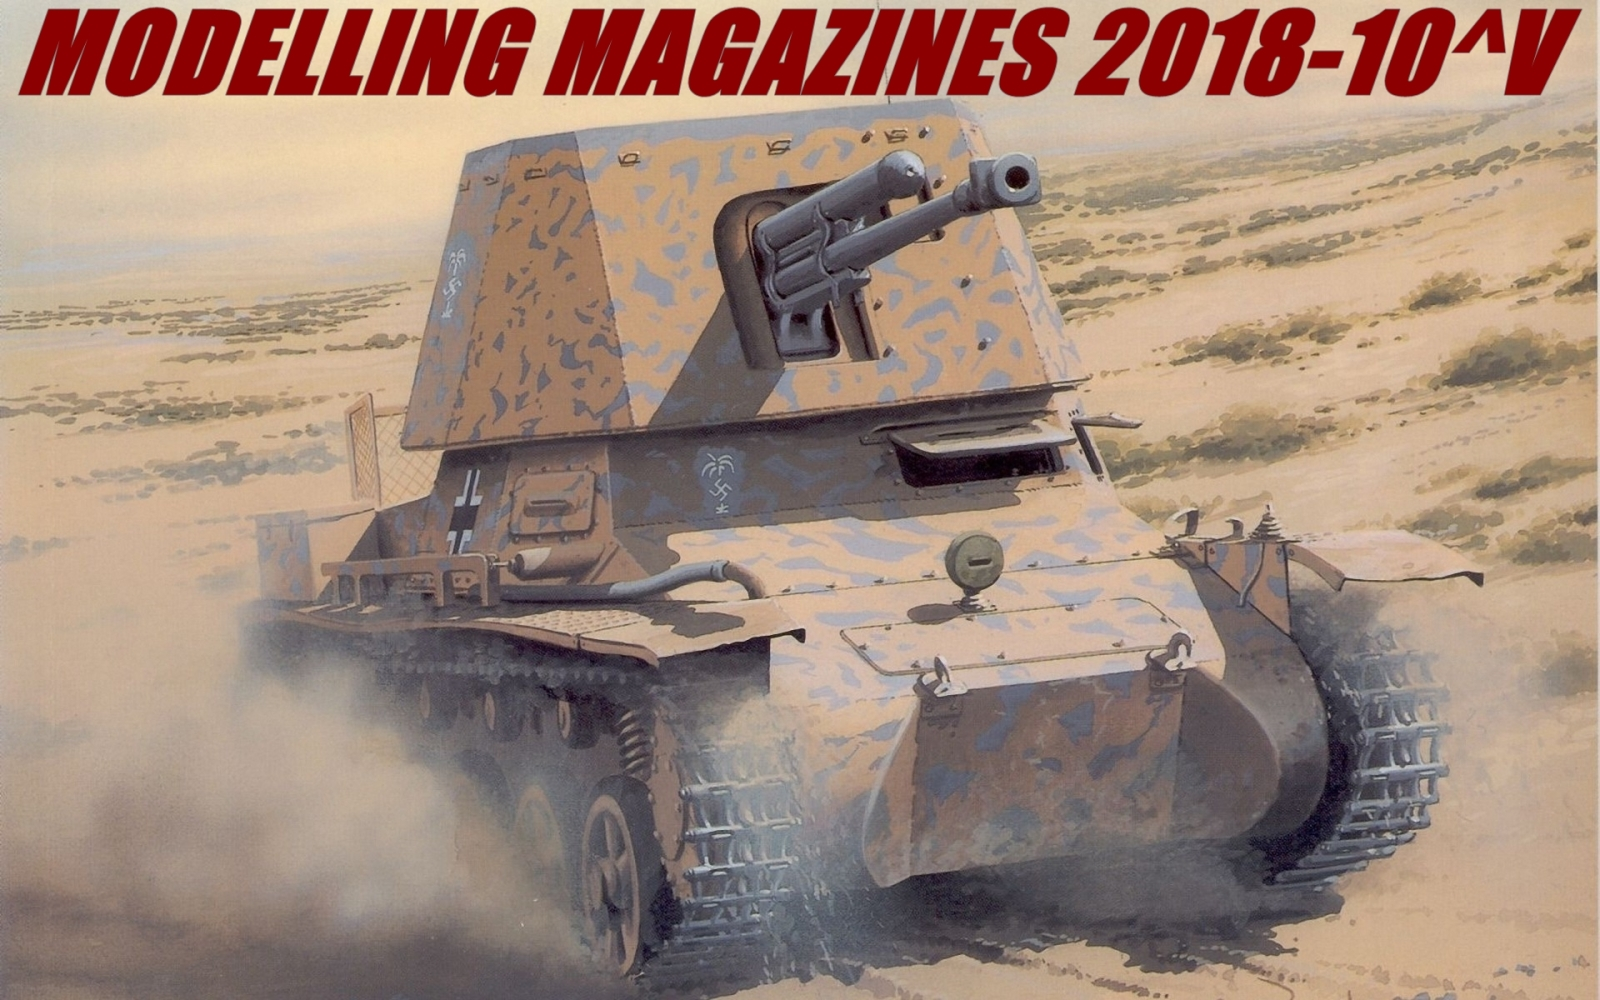 Modelling Magazines 2018-10